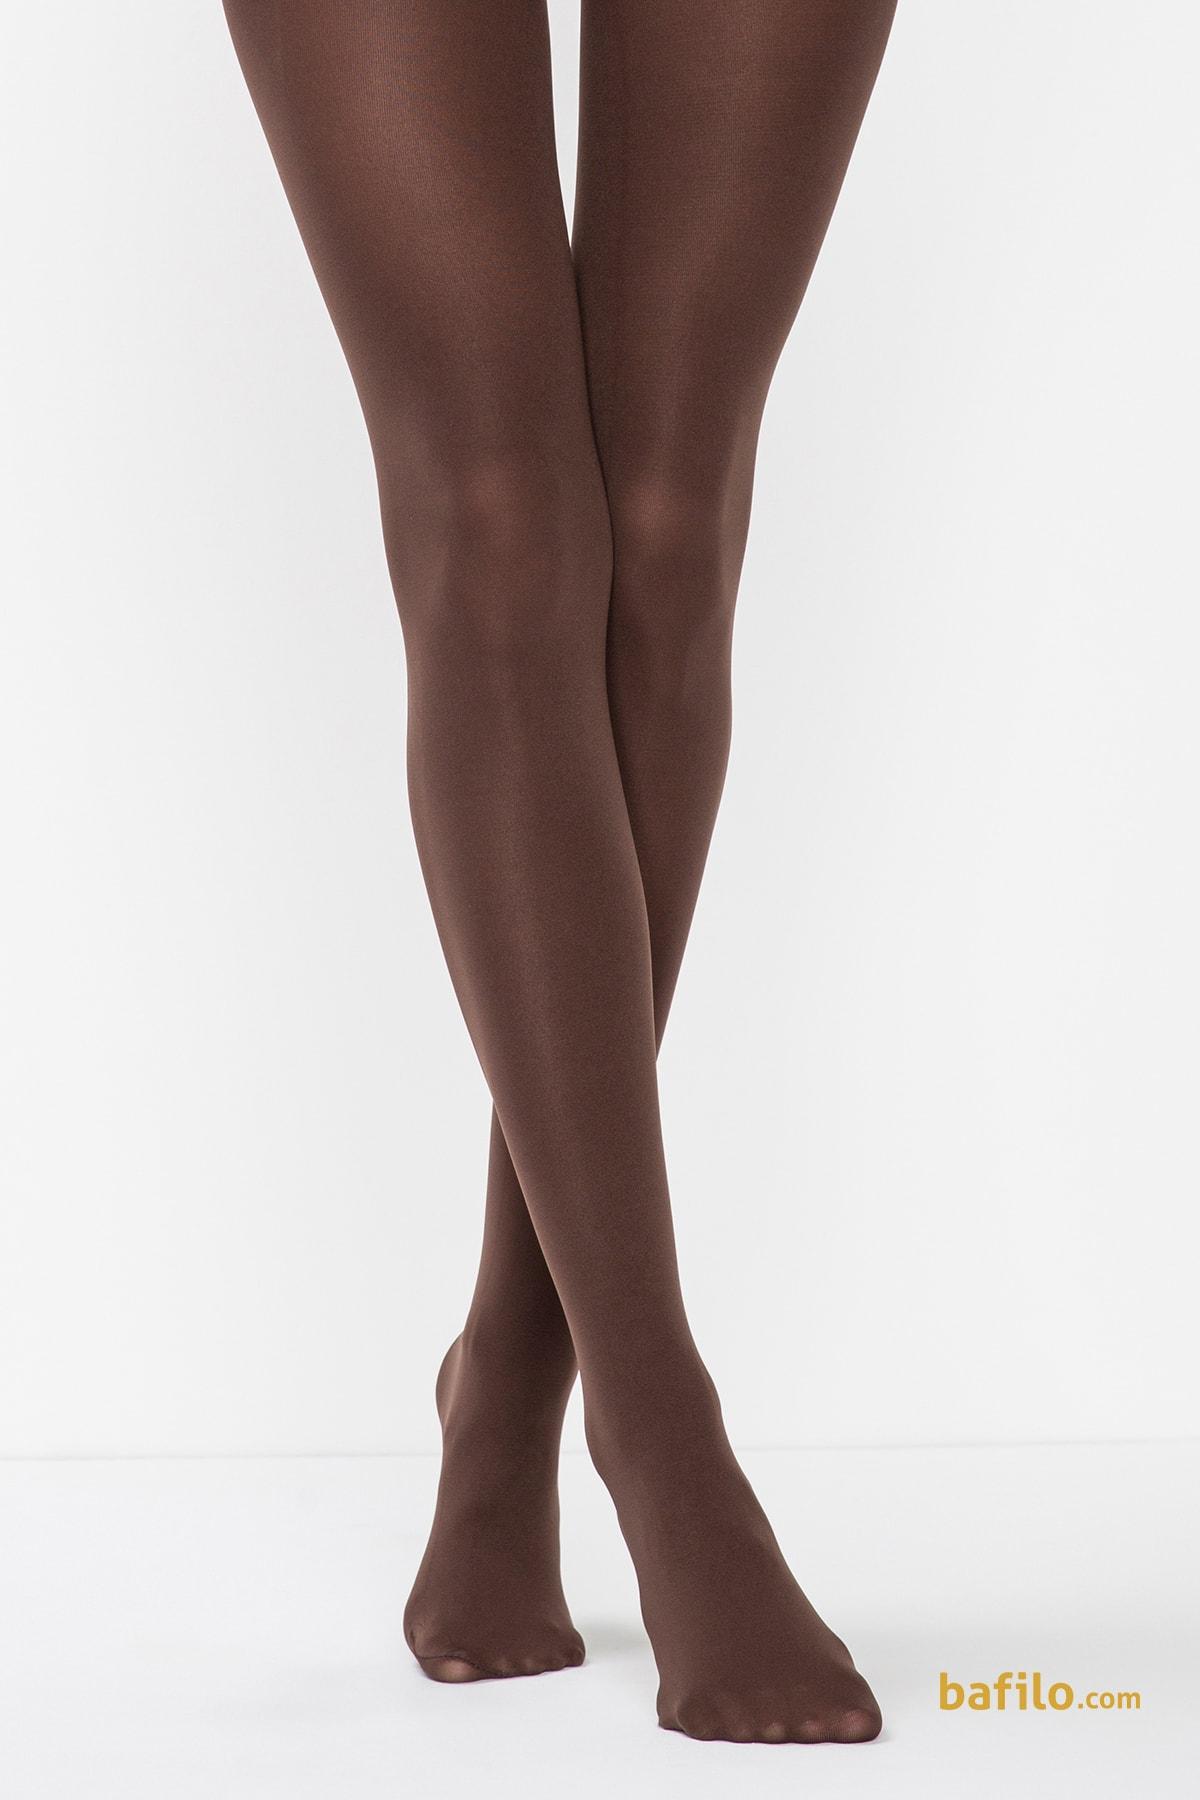 پنتی | Penti - جوراب شلواری زنانه پنتی Mikro 80 قهوه ای سوخته